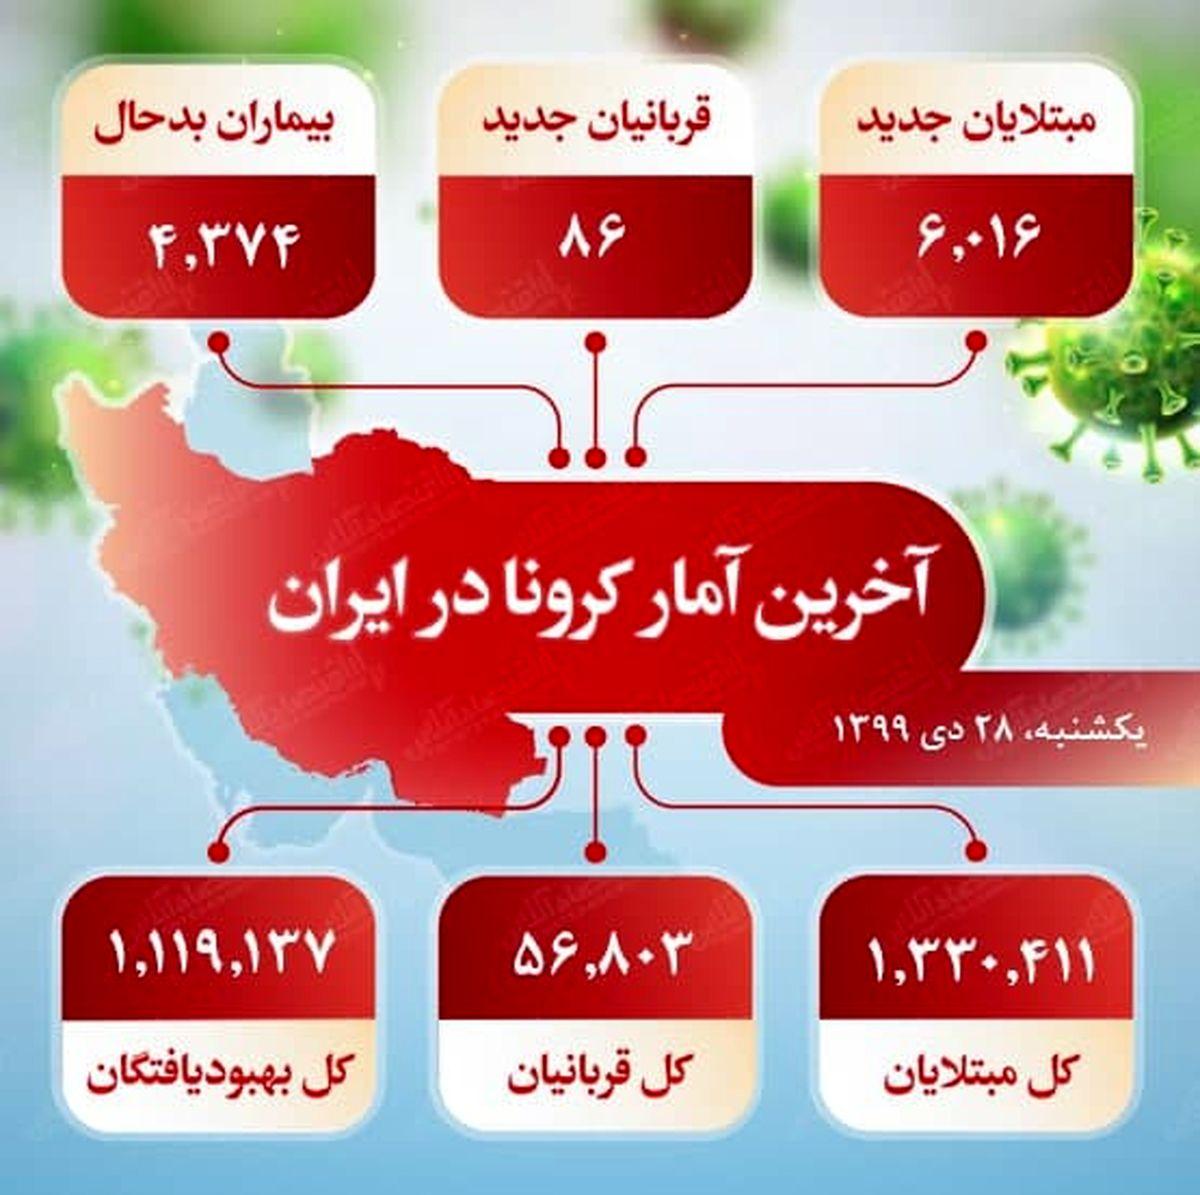 آخرین آمار کرونا در ایران (۹۹/۱۰/۲۸)